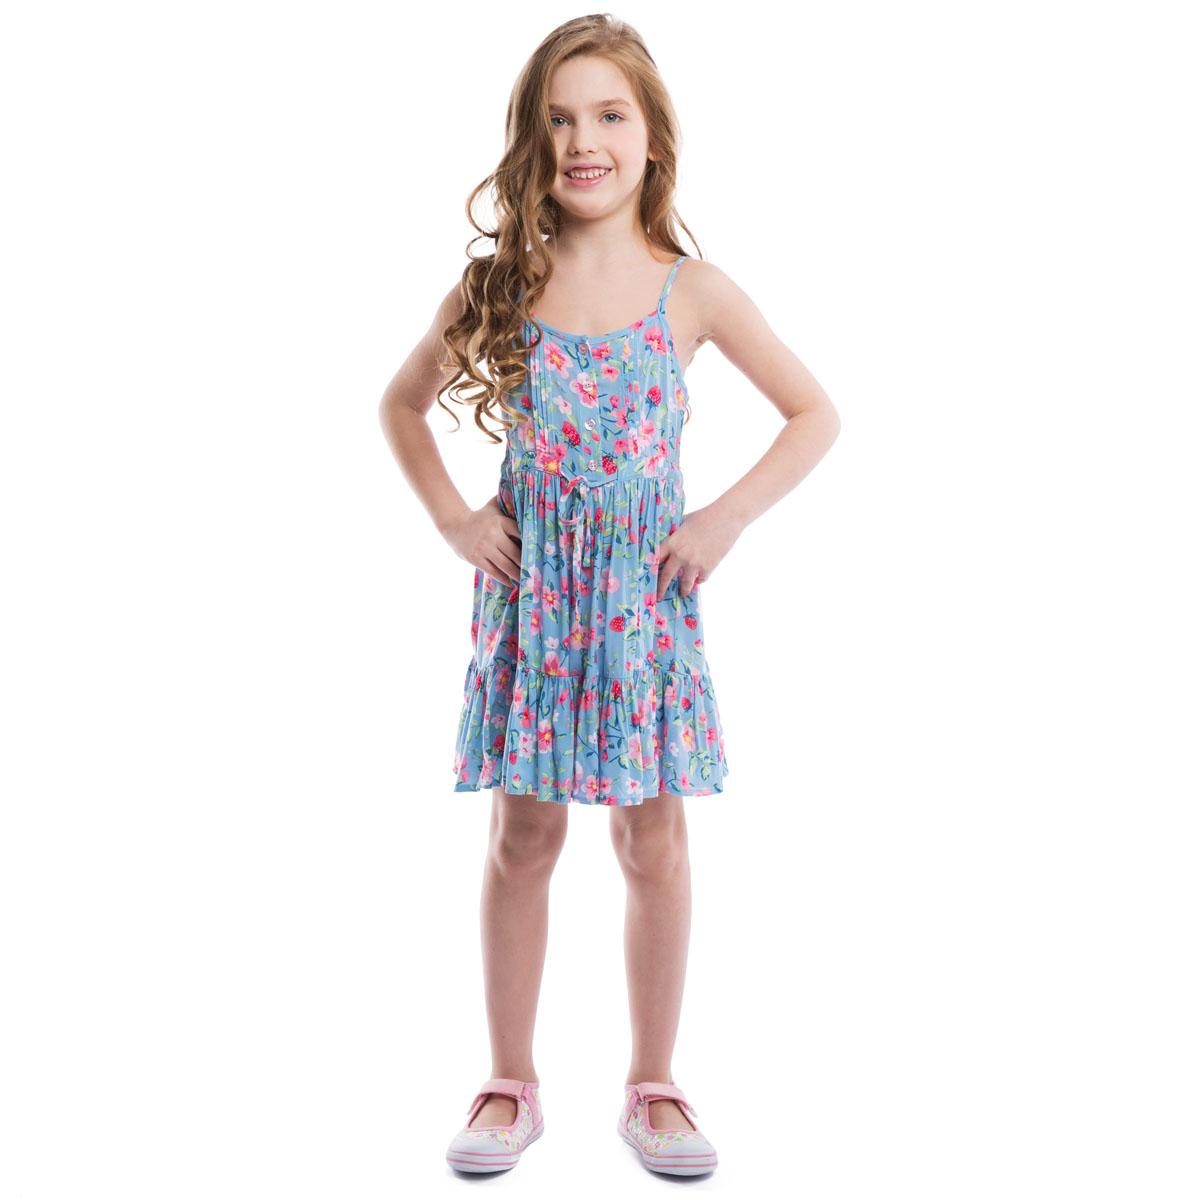 Сарафан для девочки PlayToday, цвет: голубой, розовый. 262004. Размер 128, 8 лет262004Воздушный сарафан для девочки PlayToday идеально подойдет вашей маленькой моднице. Изготовленный из вискозы, он мягкий и приятный на ощупь, не сковывает движения и позволяет коже дышать, не раздражает даже самую нежную и чувствительную кожу ребенка, обеспечивая наибольший комфорт. Сарафан трапециевидного кроя на тонких регулируемых бретелях оформлен нежным цветочным принтом. Модель спереди застегивается на пуговицы до линии талии. На груди имеются изящные пришитые складки. На спинке модель присборена на тонкие эластичные резинки. Спереди сарафан дополнен скрытыми завязками. Пышная юбка с пришитой к подолу широкой оборкой придает изделию воздушность.Оригинальный дизайн и модная расцветка делают этот сарафан незаменимым предметом детского гардероба. В нем ваша маленькая леди всегда будет в центре внимания!